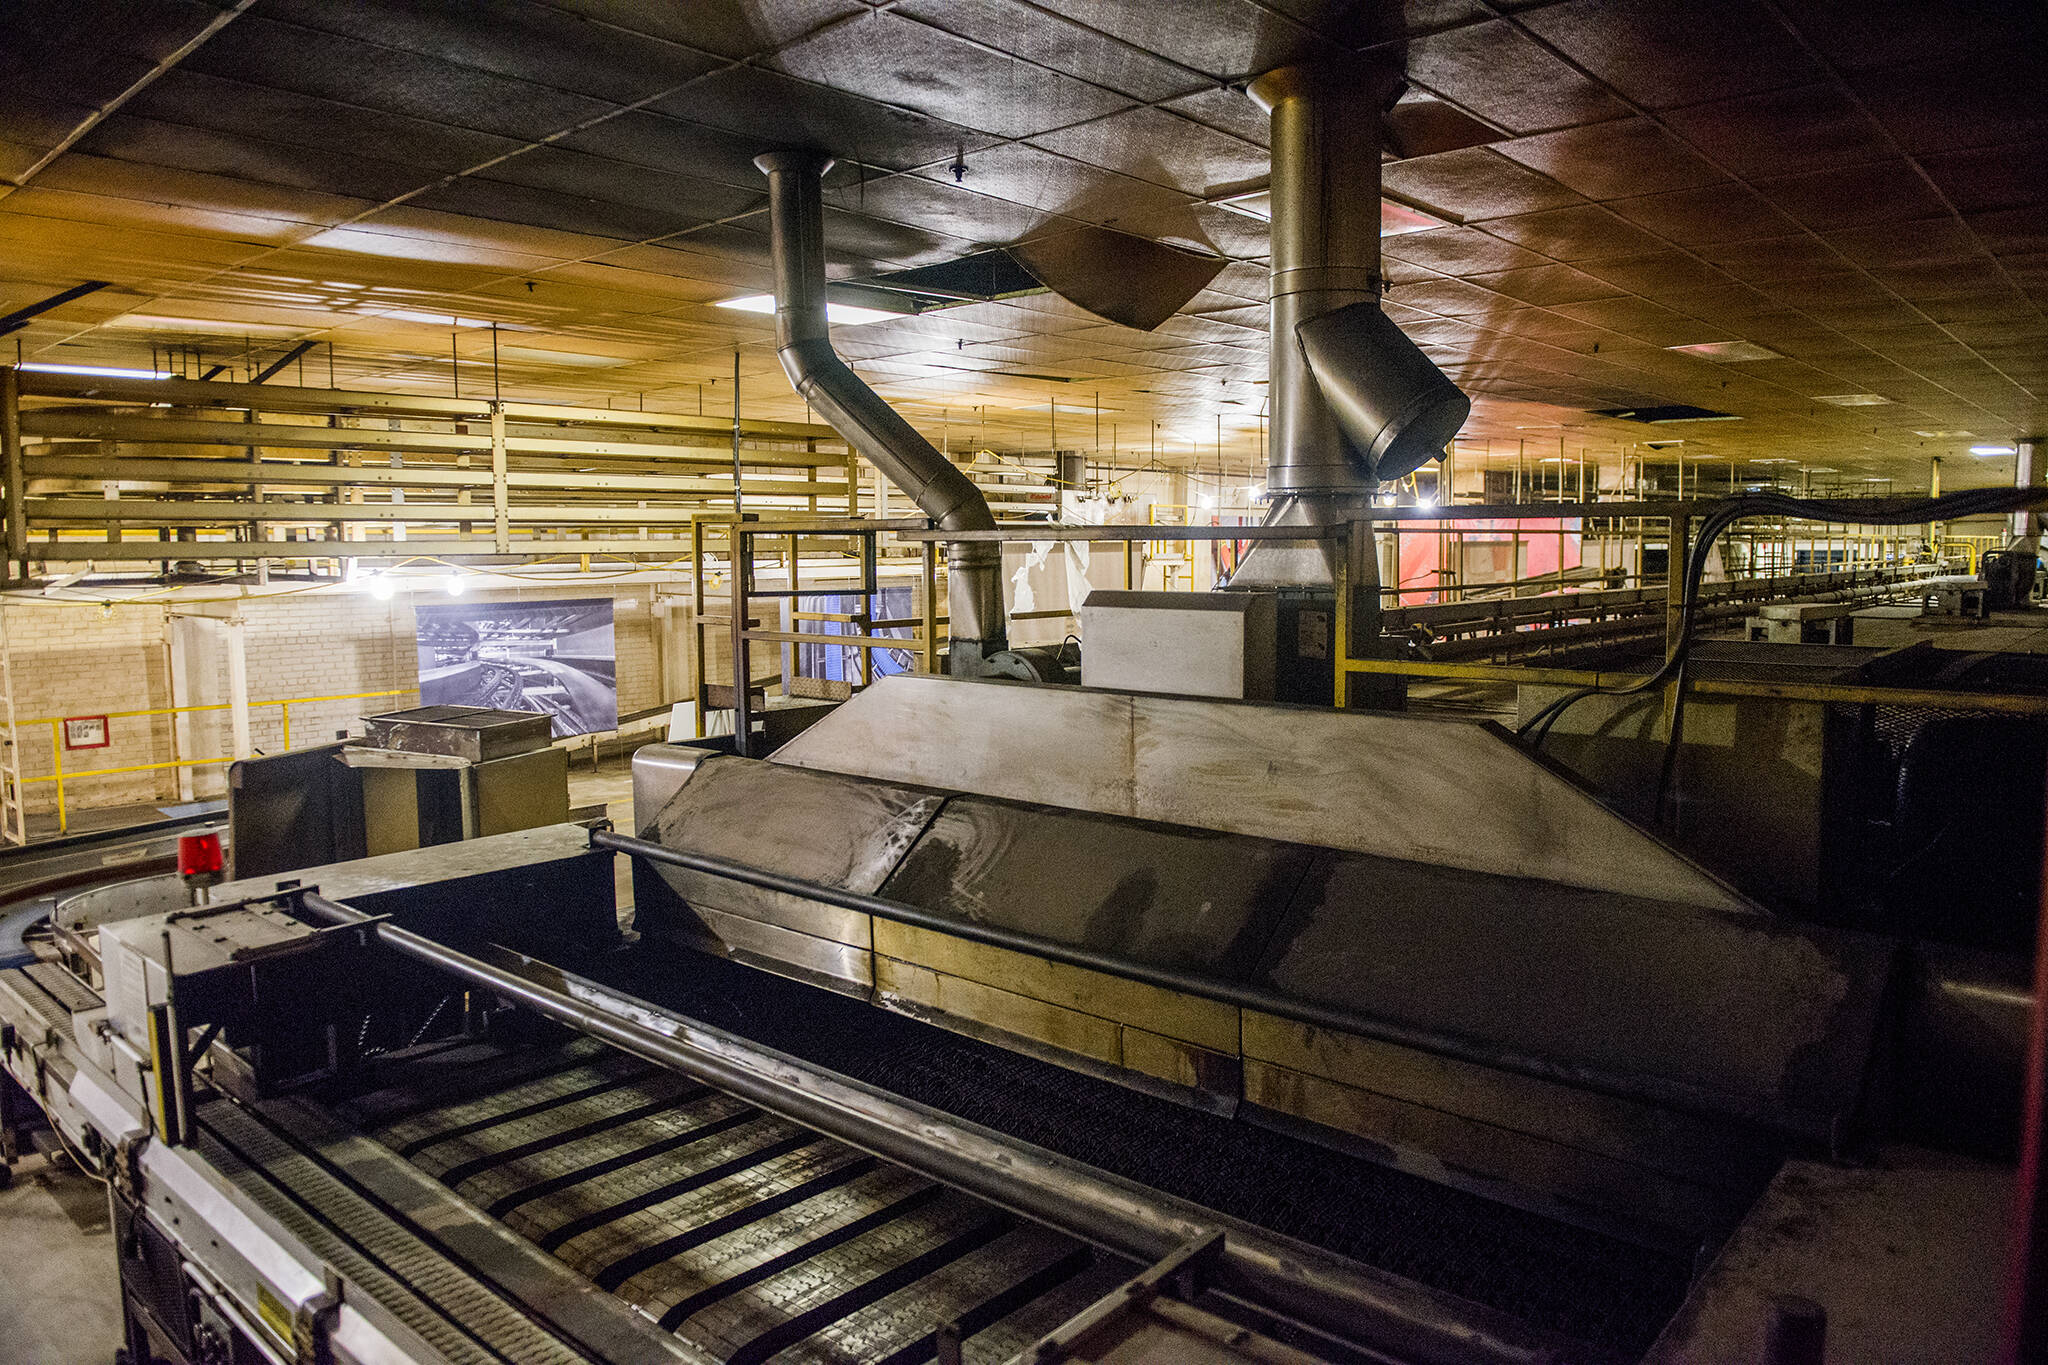 weston bread factory